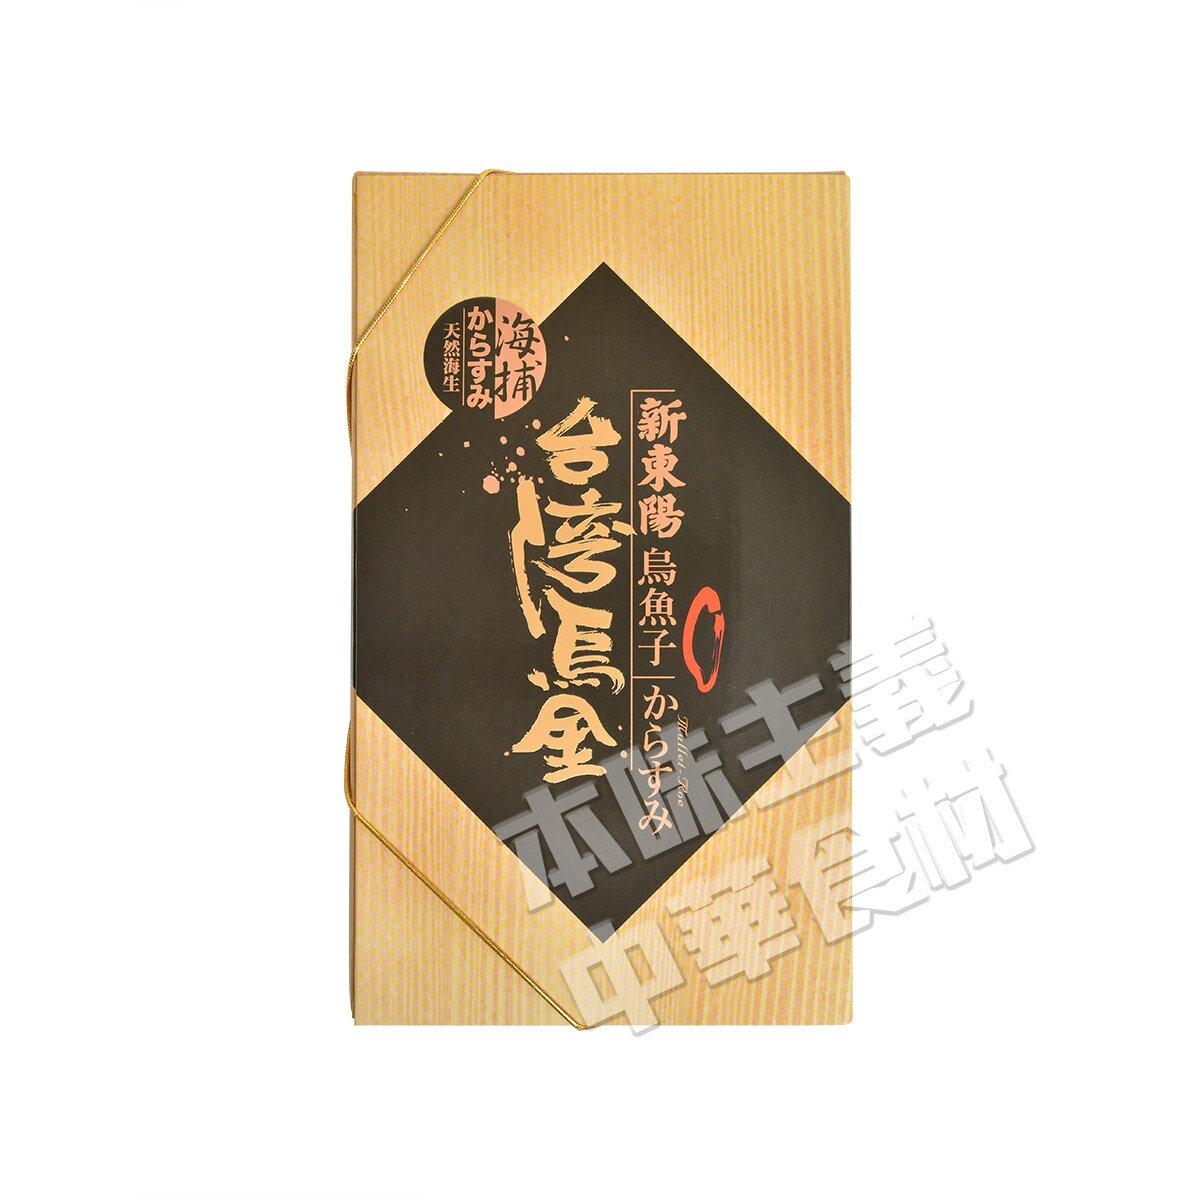 台湾新東陽独家珍品炭焼烏魚子(炭焼きからすみ)台湾風味・人気商品・おつまみ・酒の肴・化粧箱付き、お歳暮、プレゼントに最適